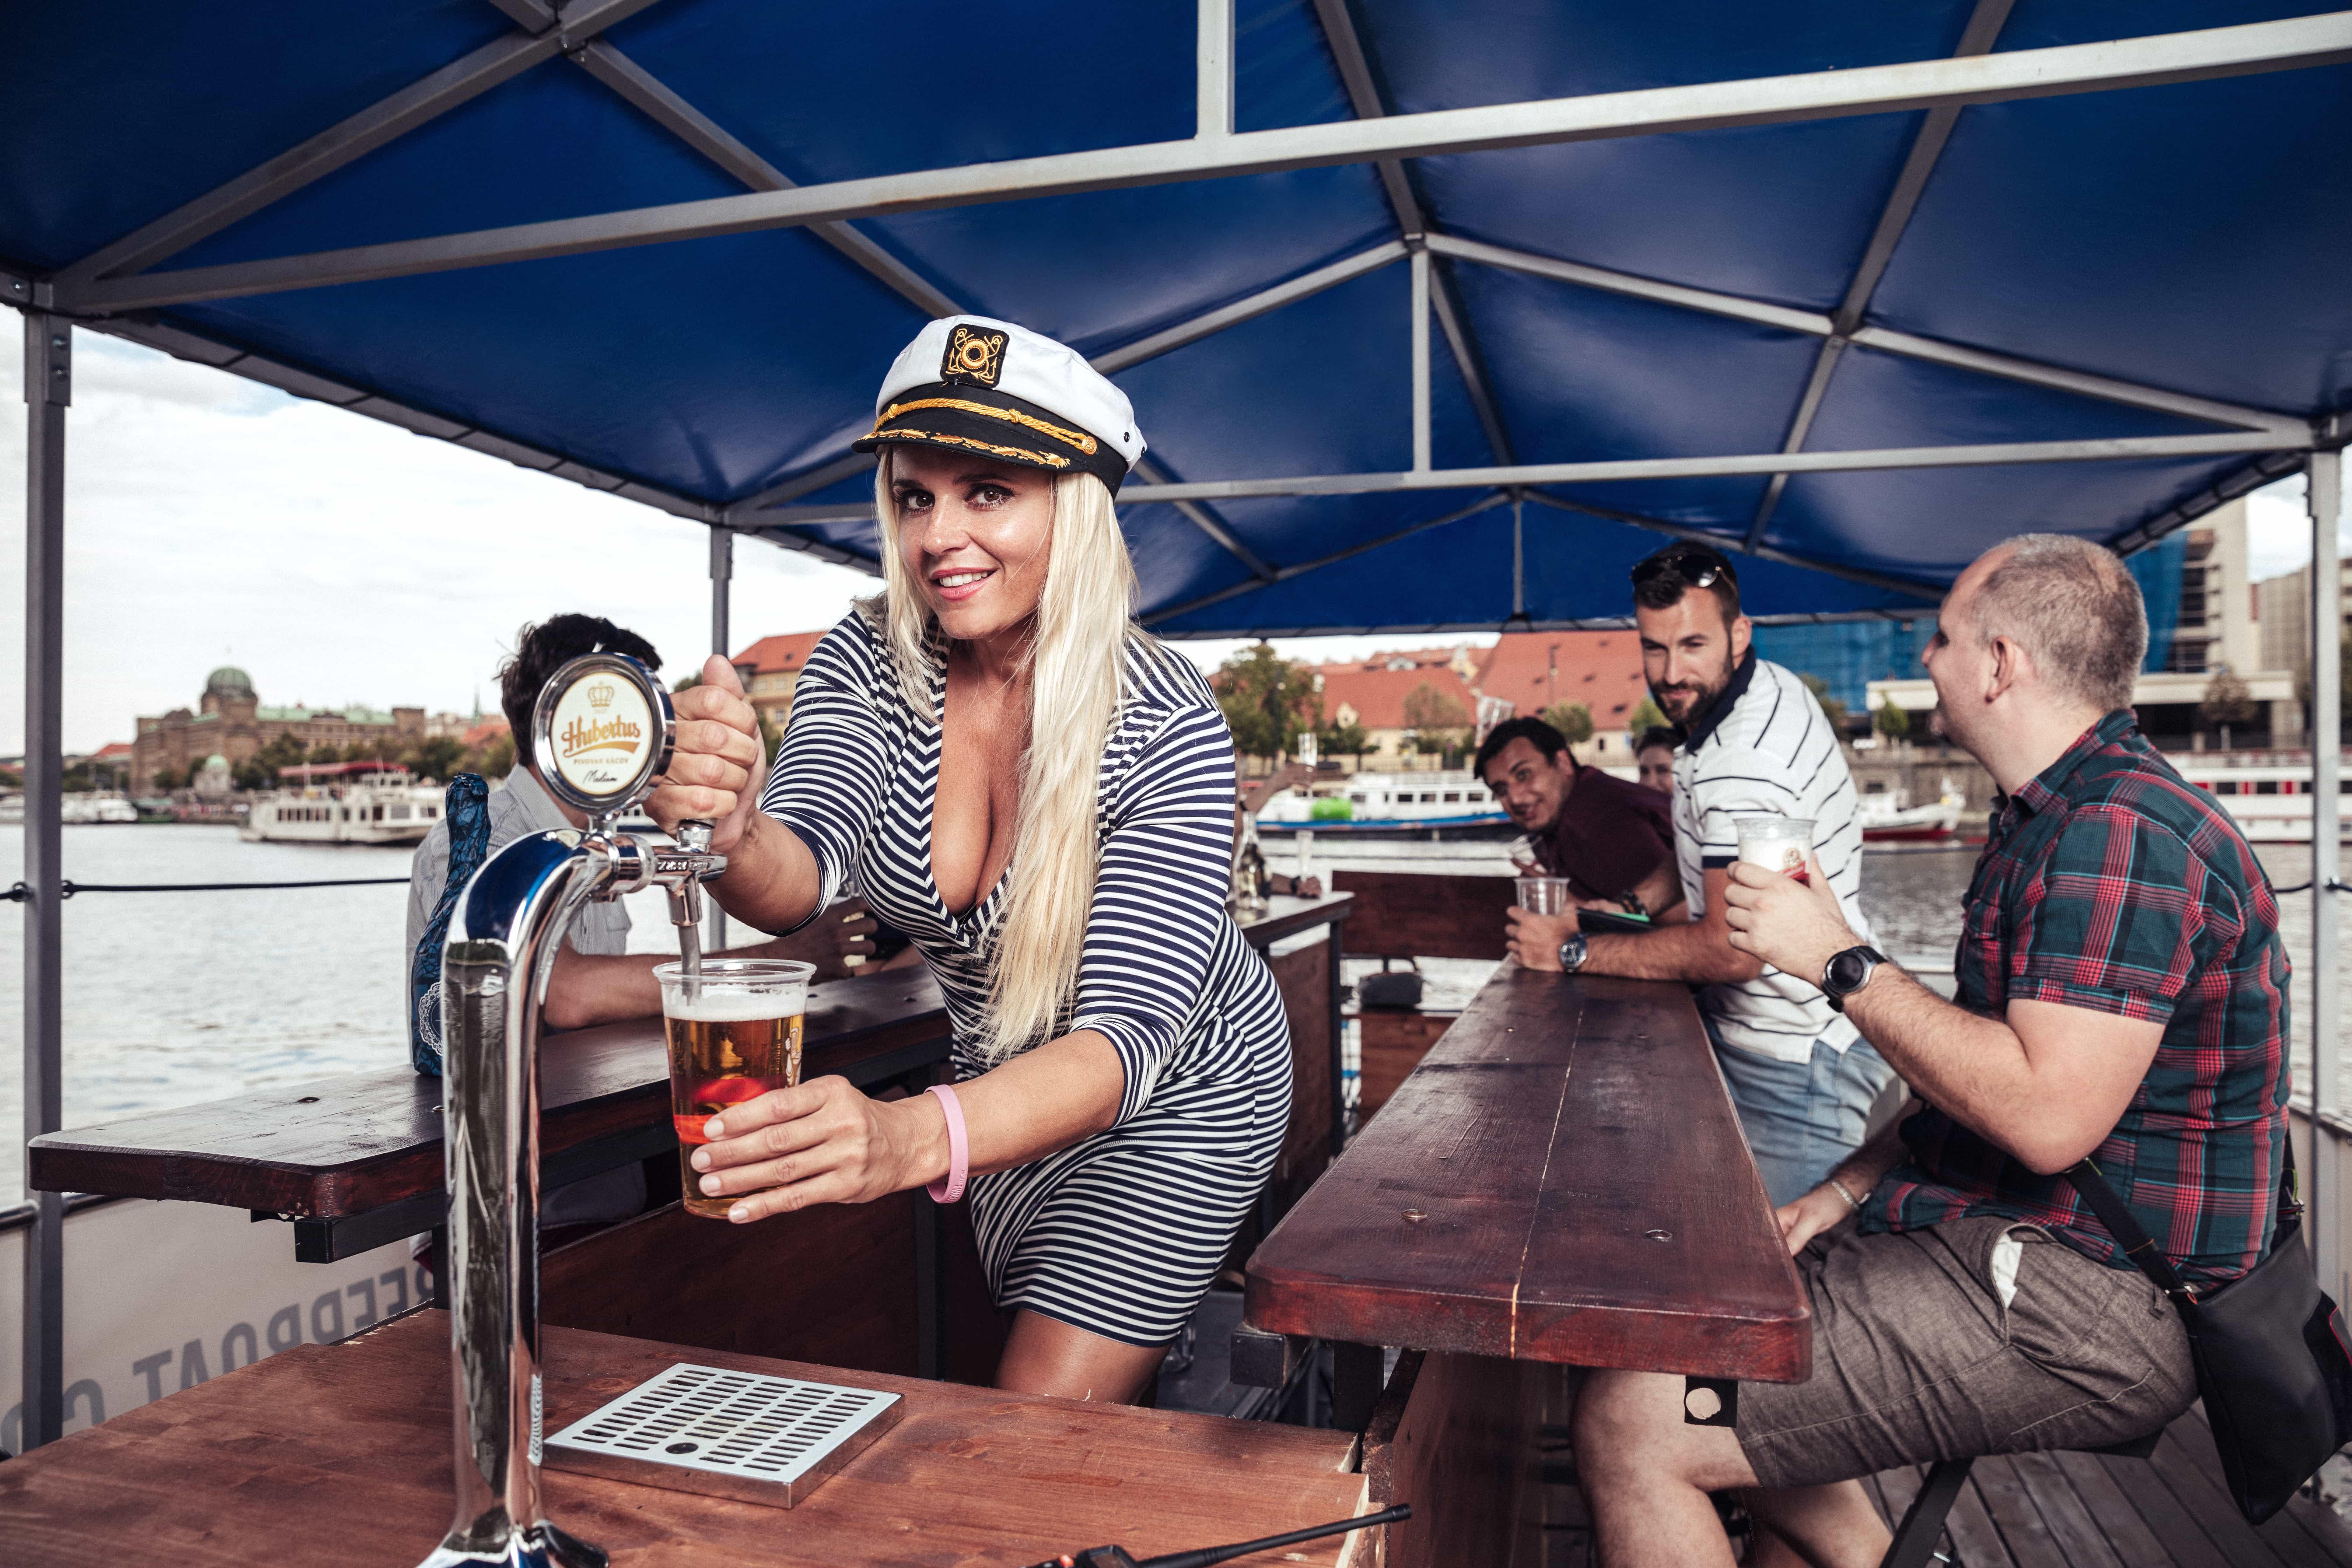 Beer Pedalo pour mon EVG à Prague   Enterrement de vie de garçon   idée enterrement de vie de garçon   activité enterrement de vie de garçon   idée evg   activité evg